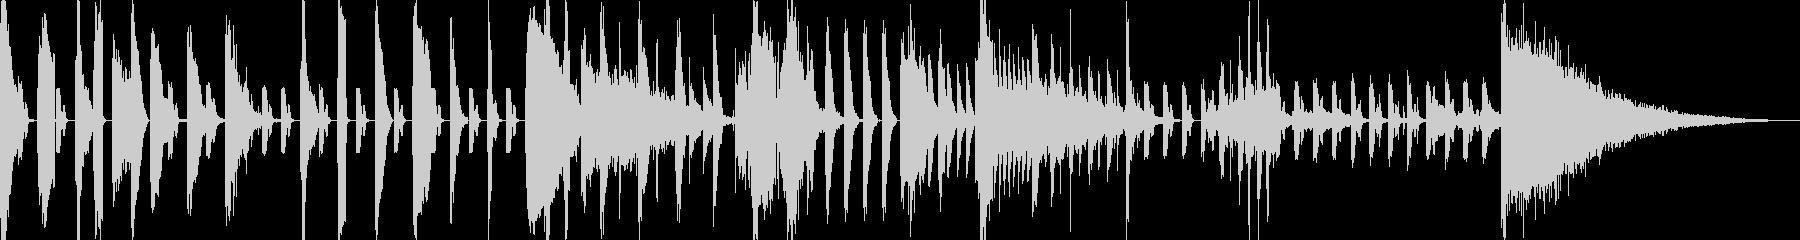 アクセントダンス1の未再生の波形